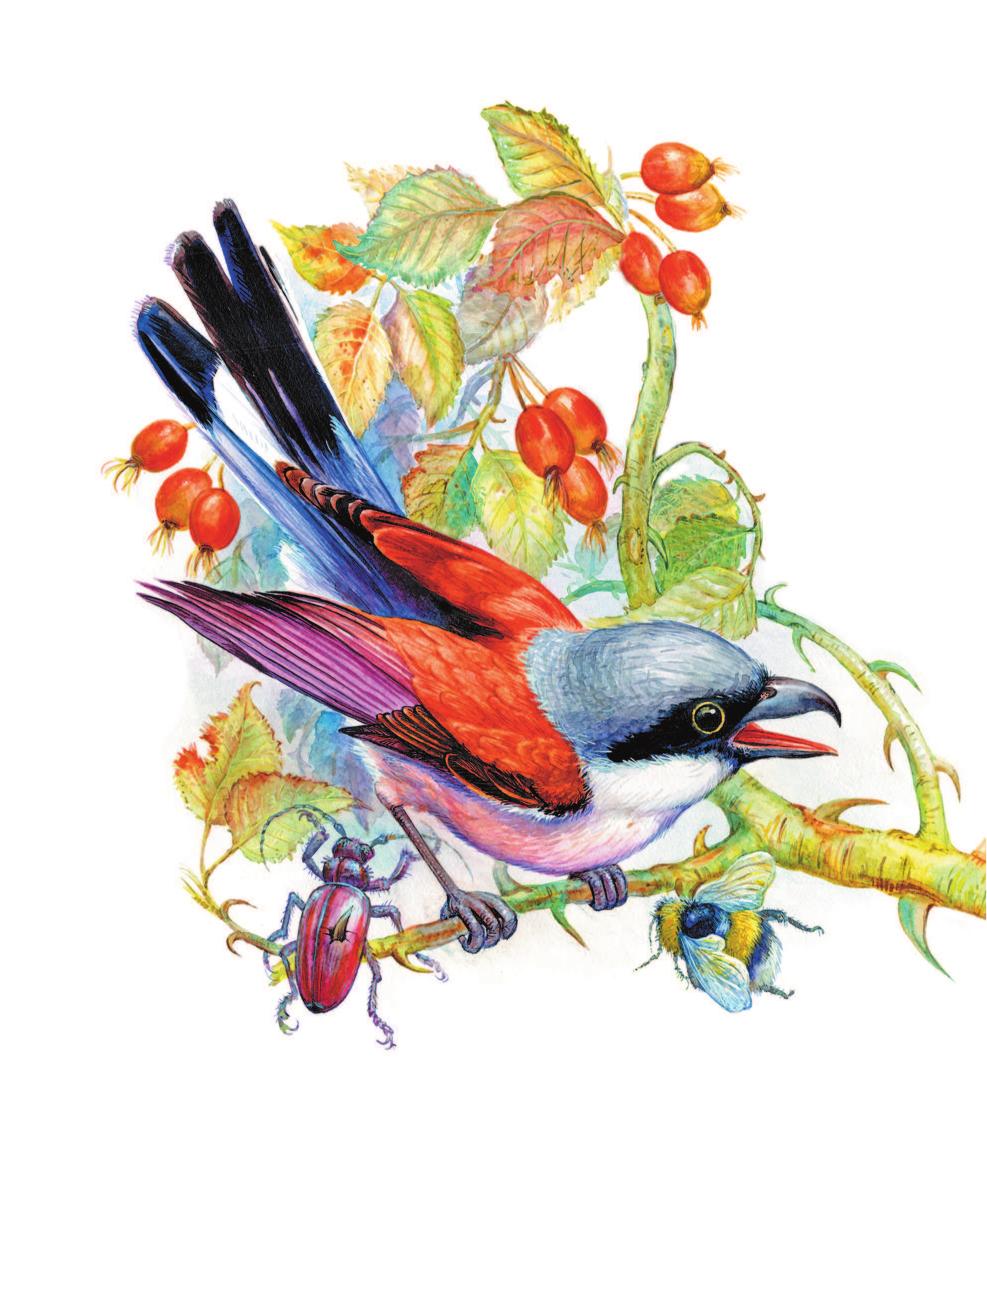 проявляется местно, картинки звери и птицы на книжных страницах можете убедиться